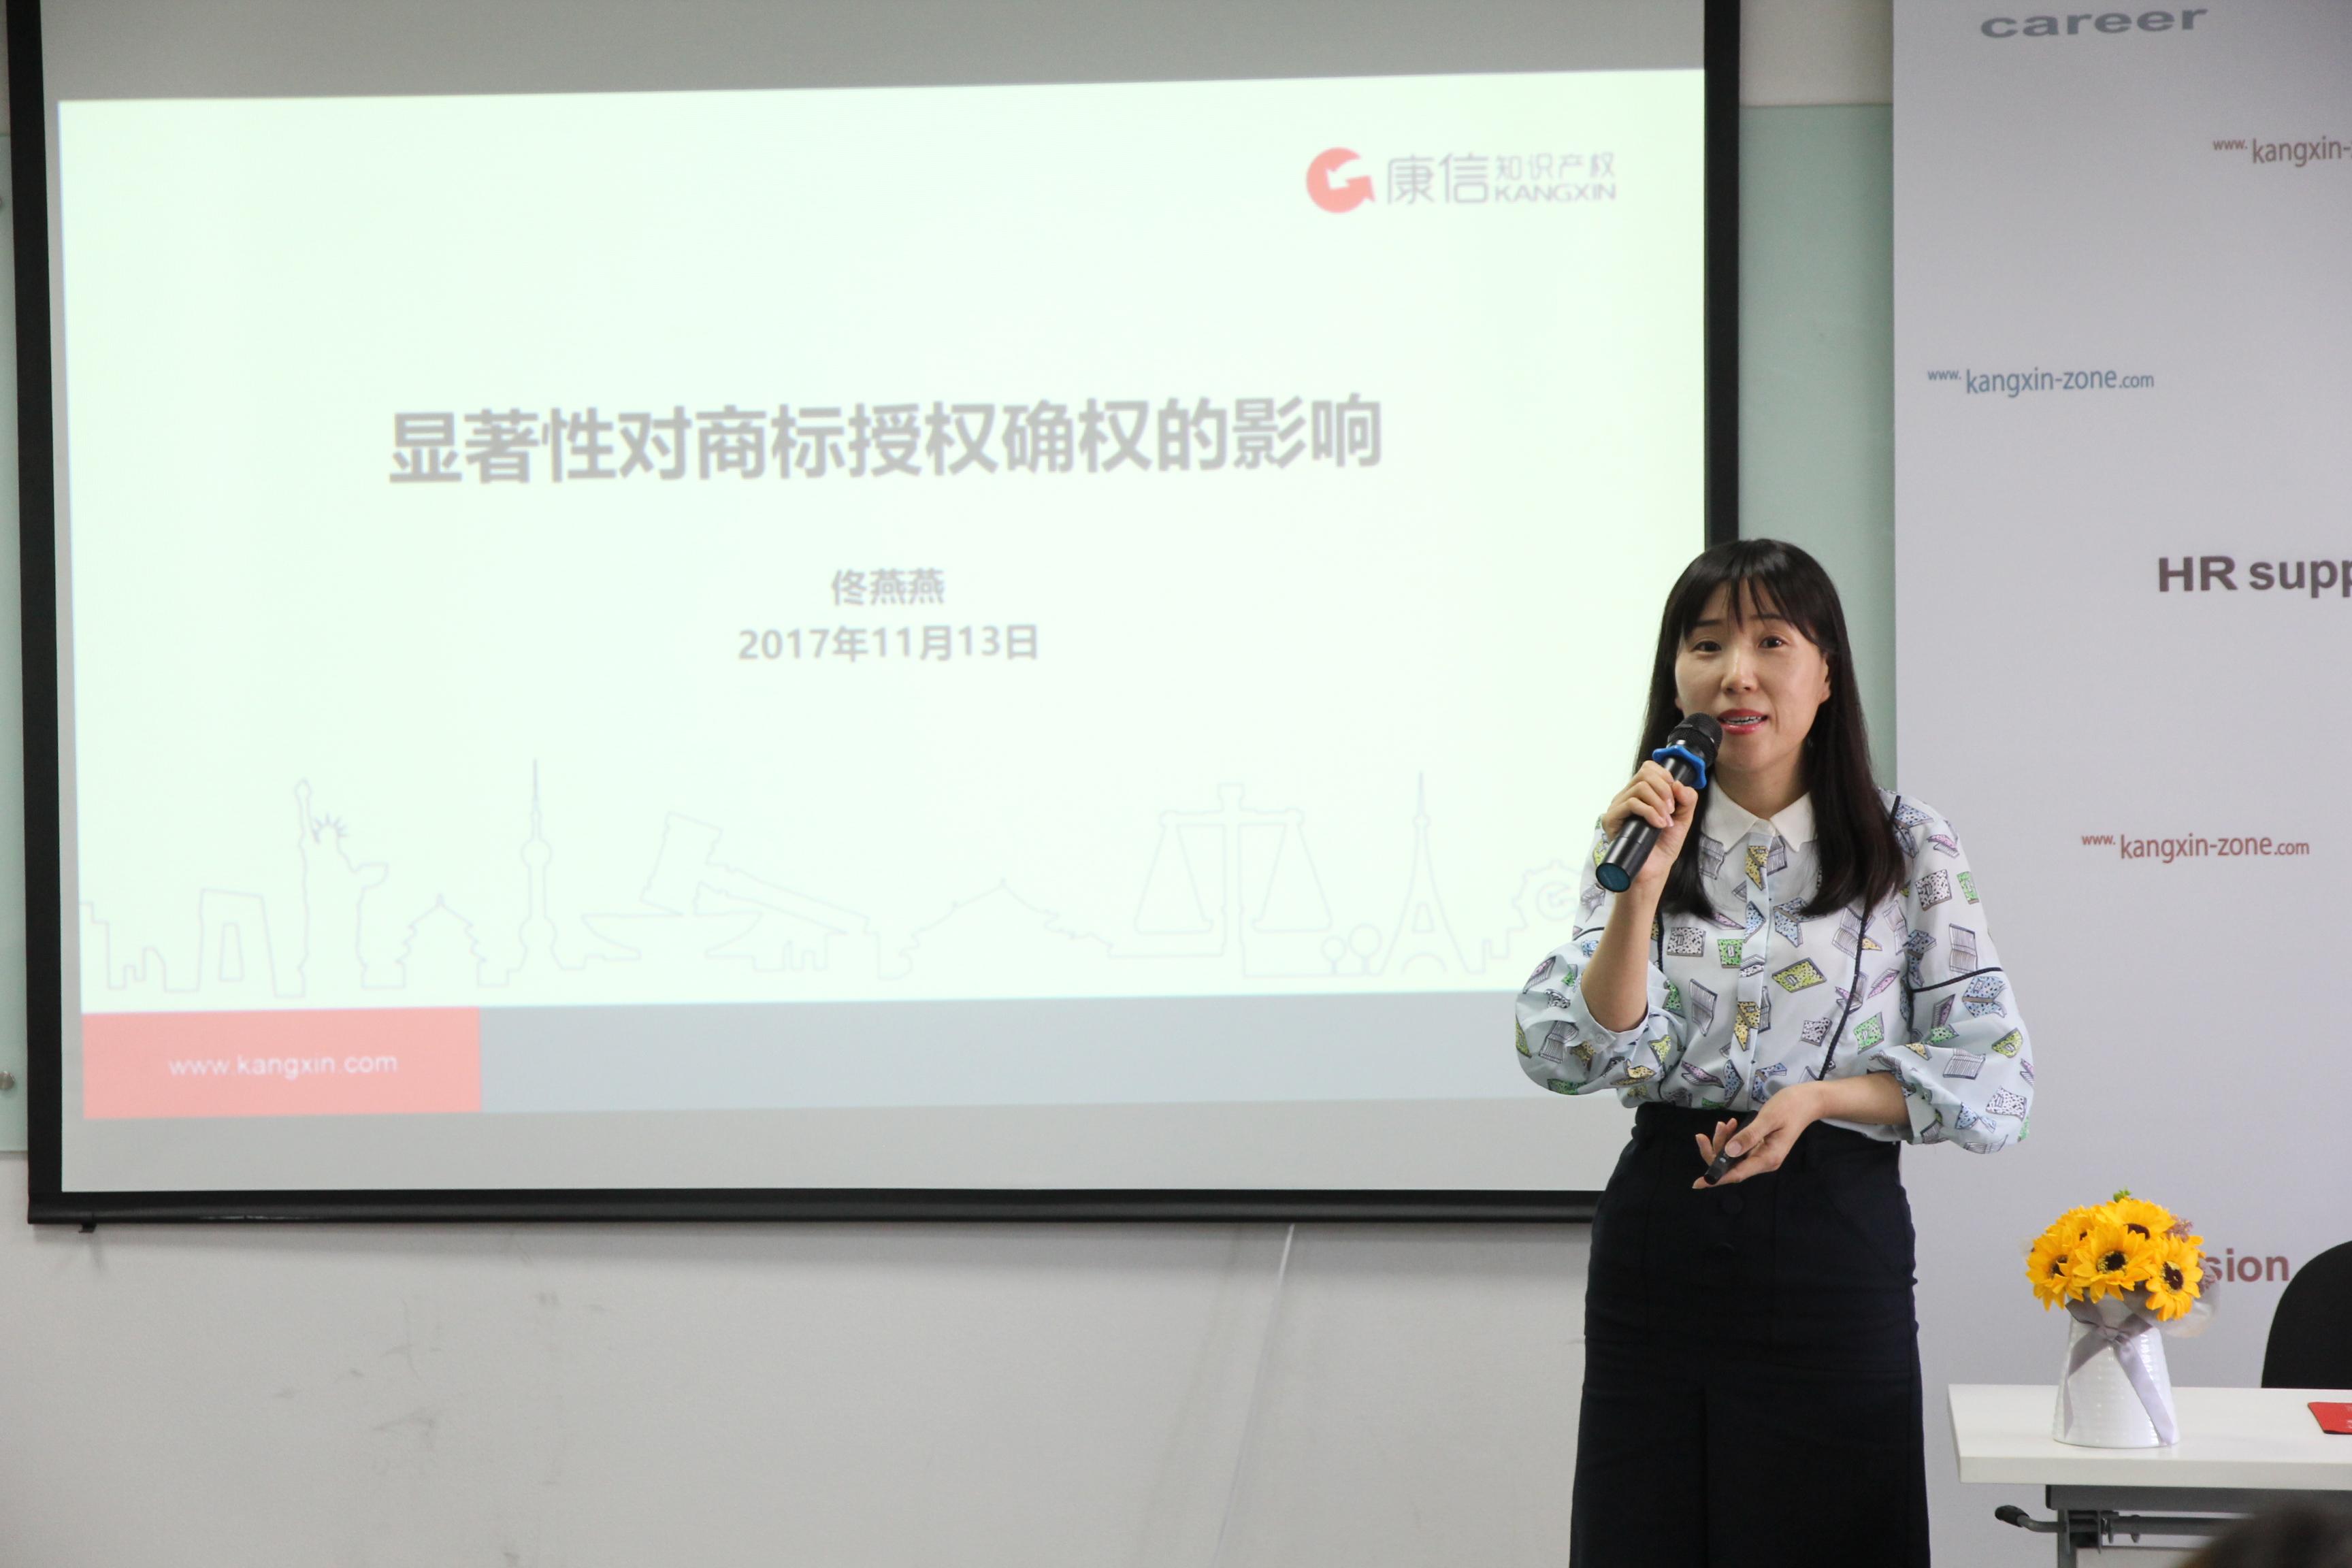 康信成功举办欧洲知识产权沙龙